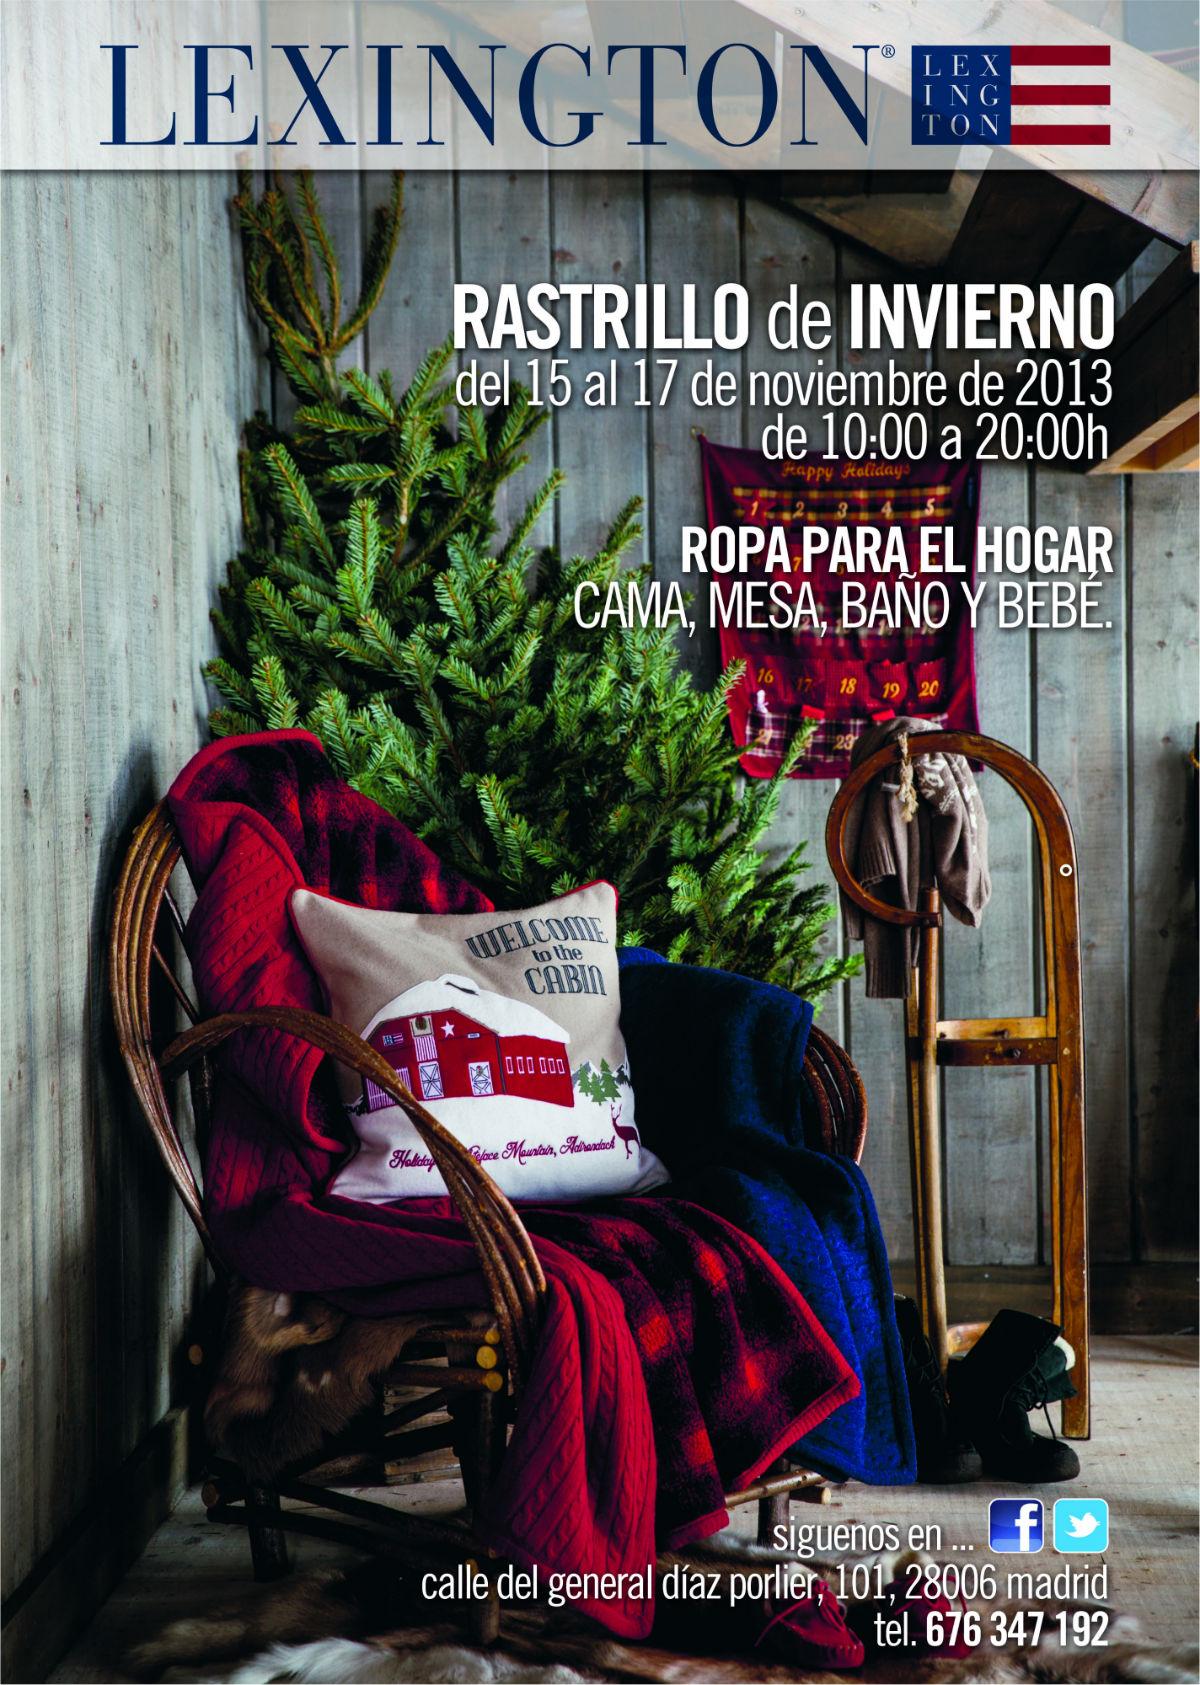 Rastrillo de invierno de lexington ideas y moda para - Rastrillos de muebles en madrid ...